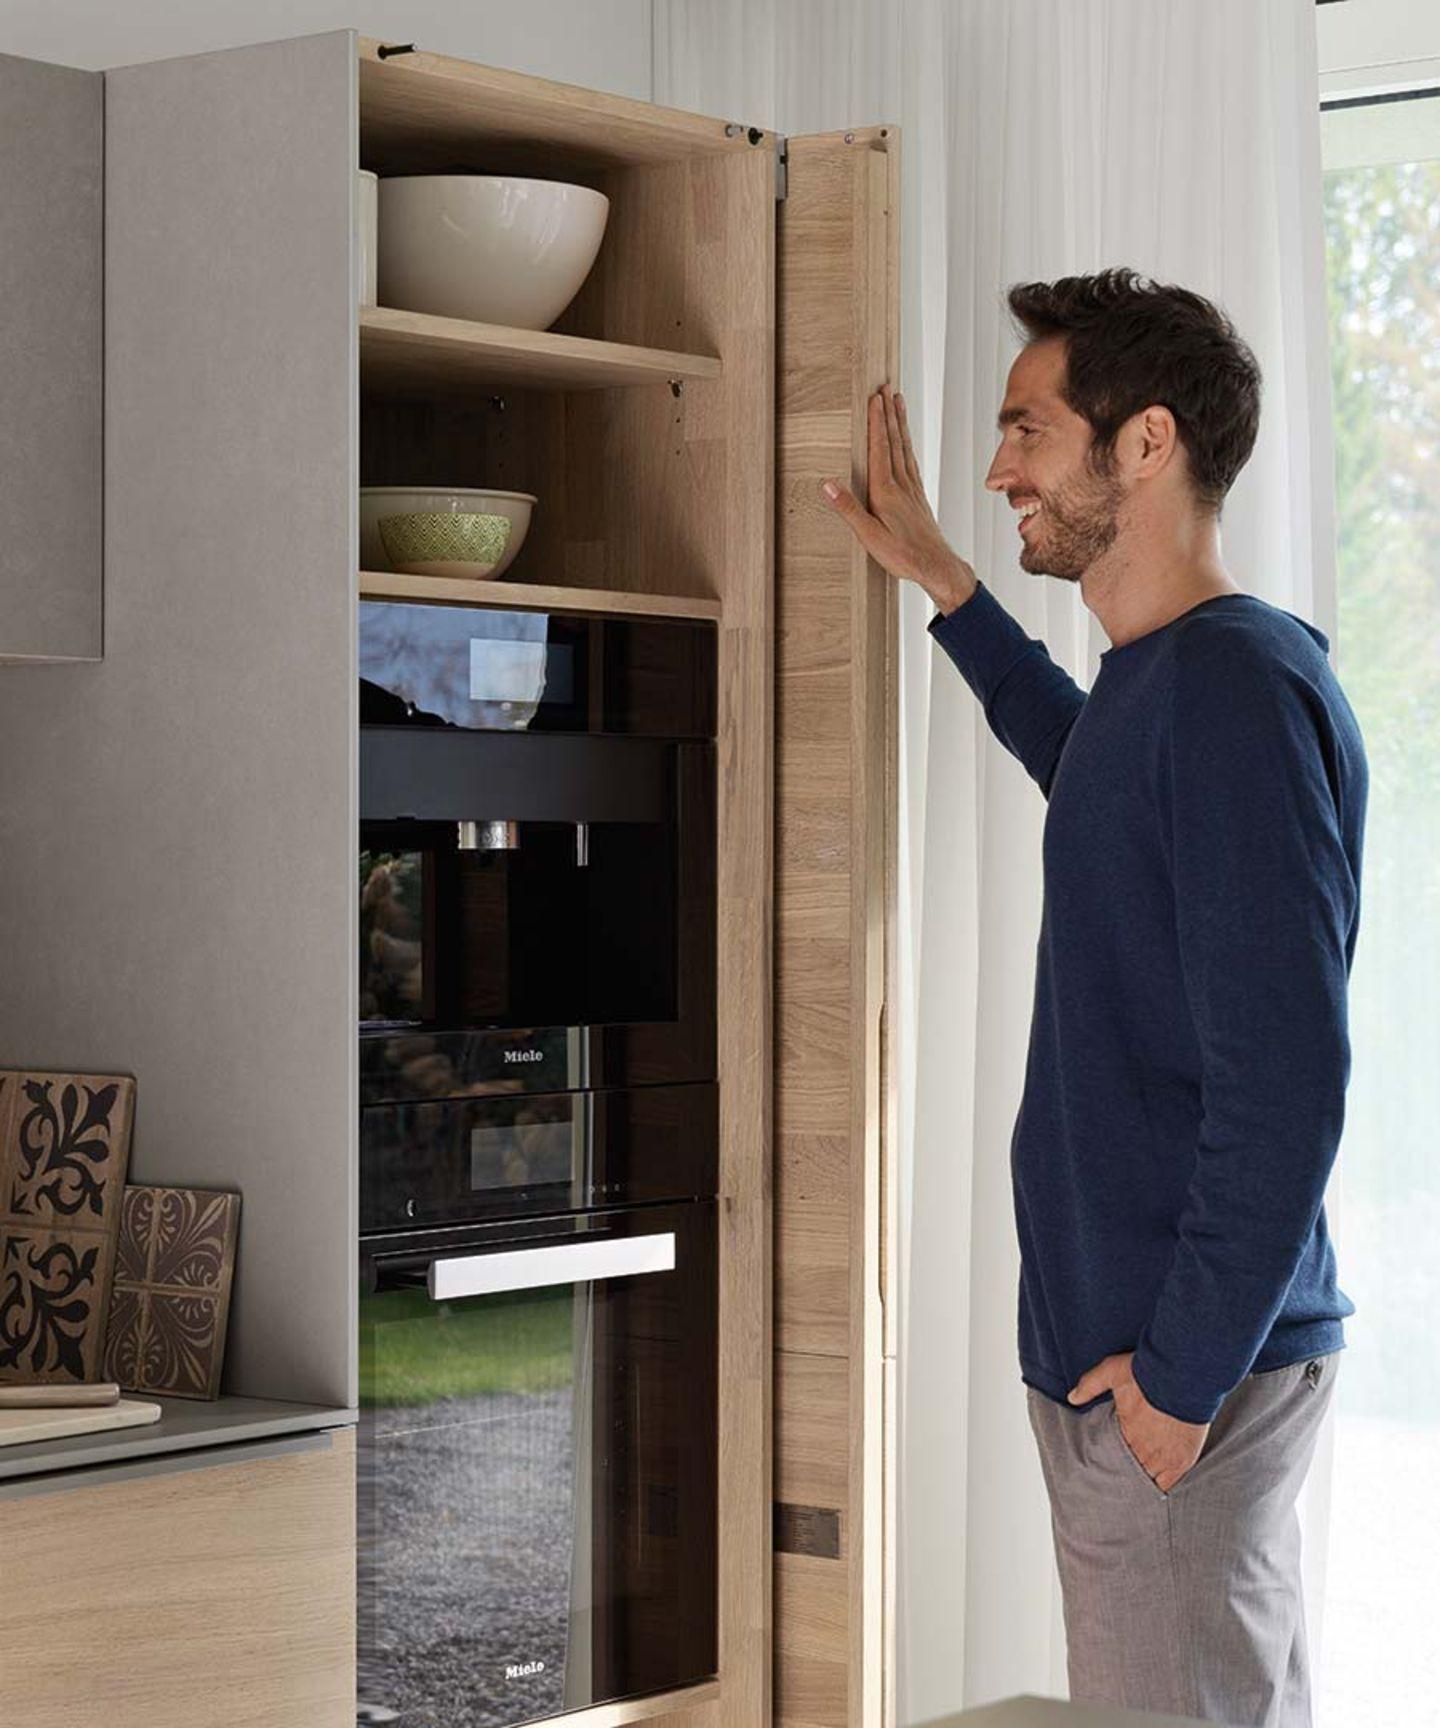 Cuisine filigno avec armoire pour appareils électriques à portes coulissantes